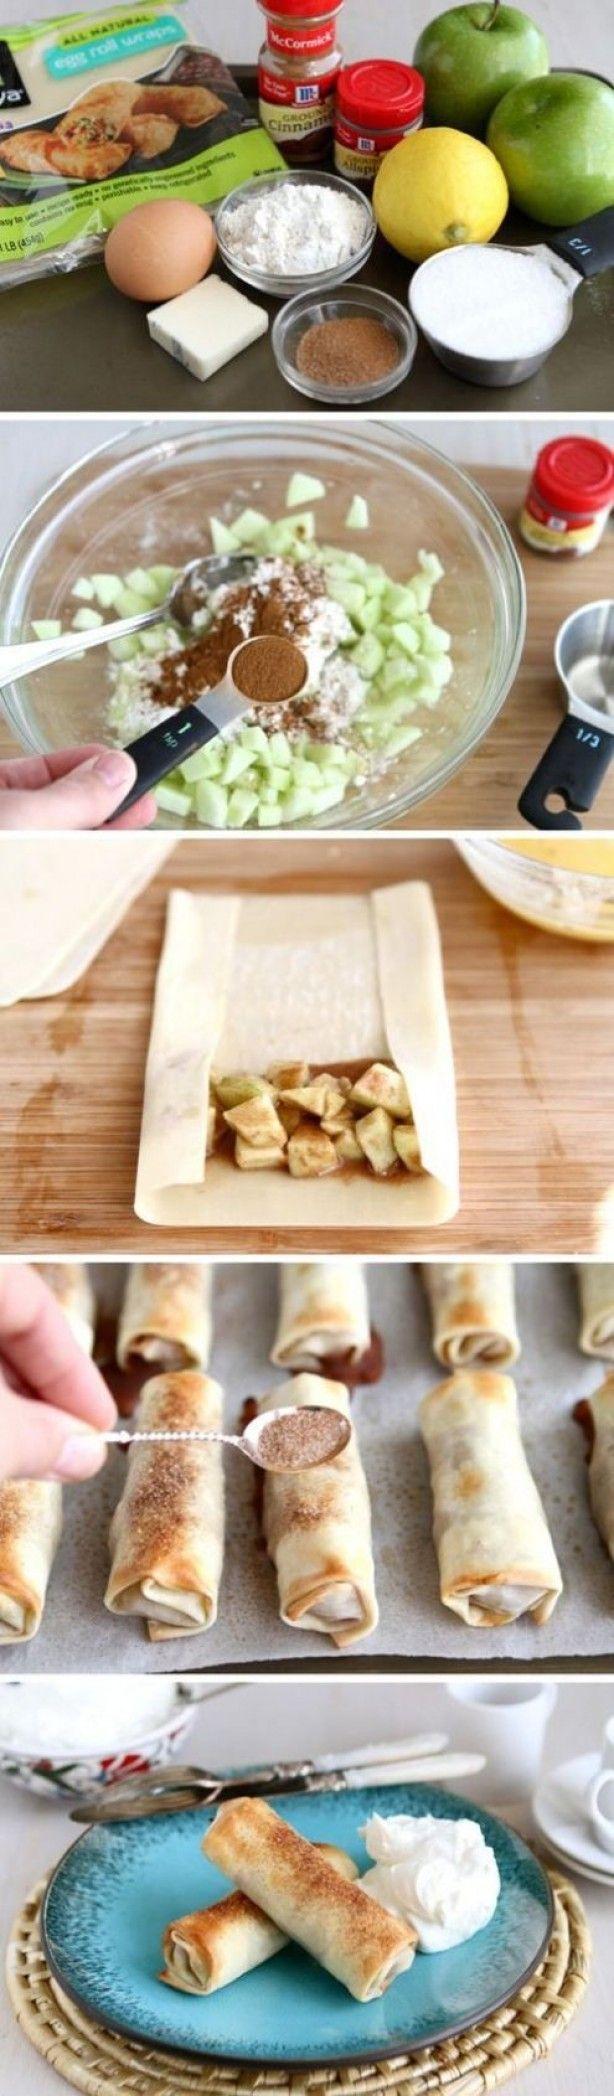 Een #appeltaart net even anders maken? Benodigdheden: 2 appels, 1 citroen, 1/3 kopje suiker, 4 eetlepels bloem, 2 theelepels kaneel, beetje zout, 10/12 filodeeg plakken, 1 eetlepel boter kaneel voor de topping. Geen tijd om te bakken? Schakel een Hulpstudent in! Jouw Hulpstudent neemt de huishoudelijke taken van u over zodat je meer vrije tijd over hebt! www.hulpstudent.nl